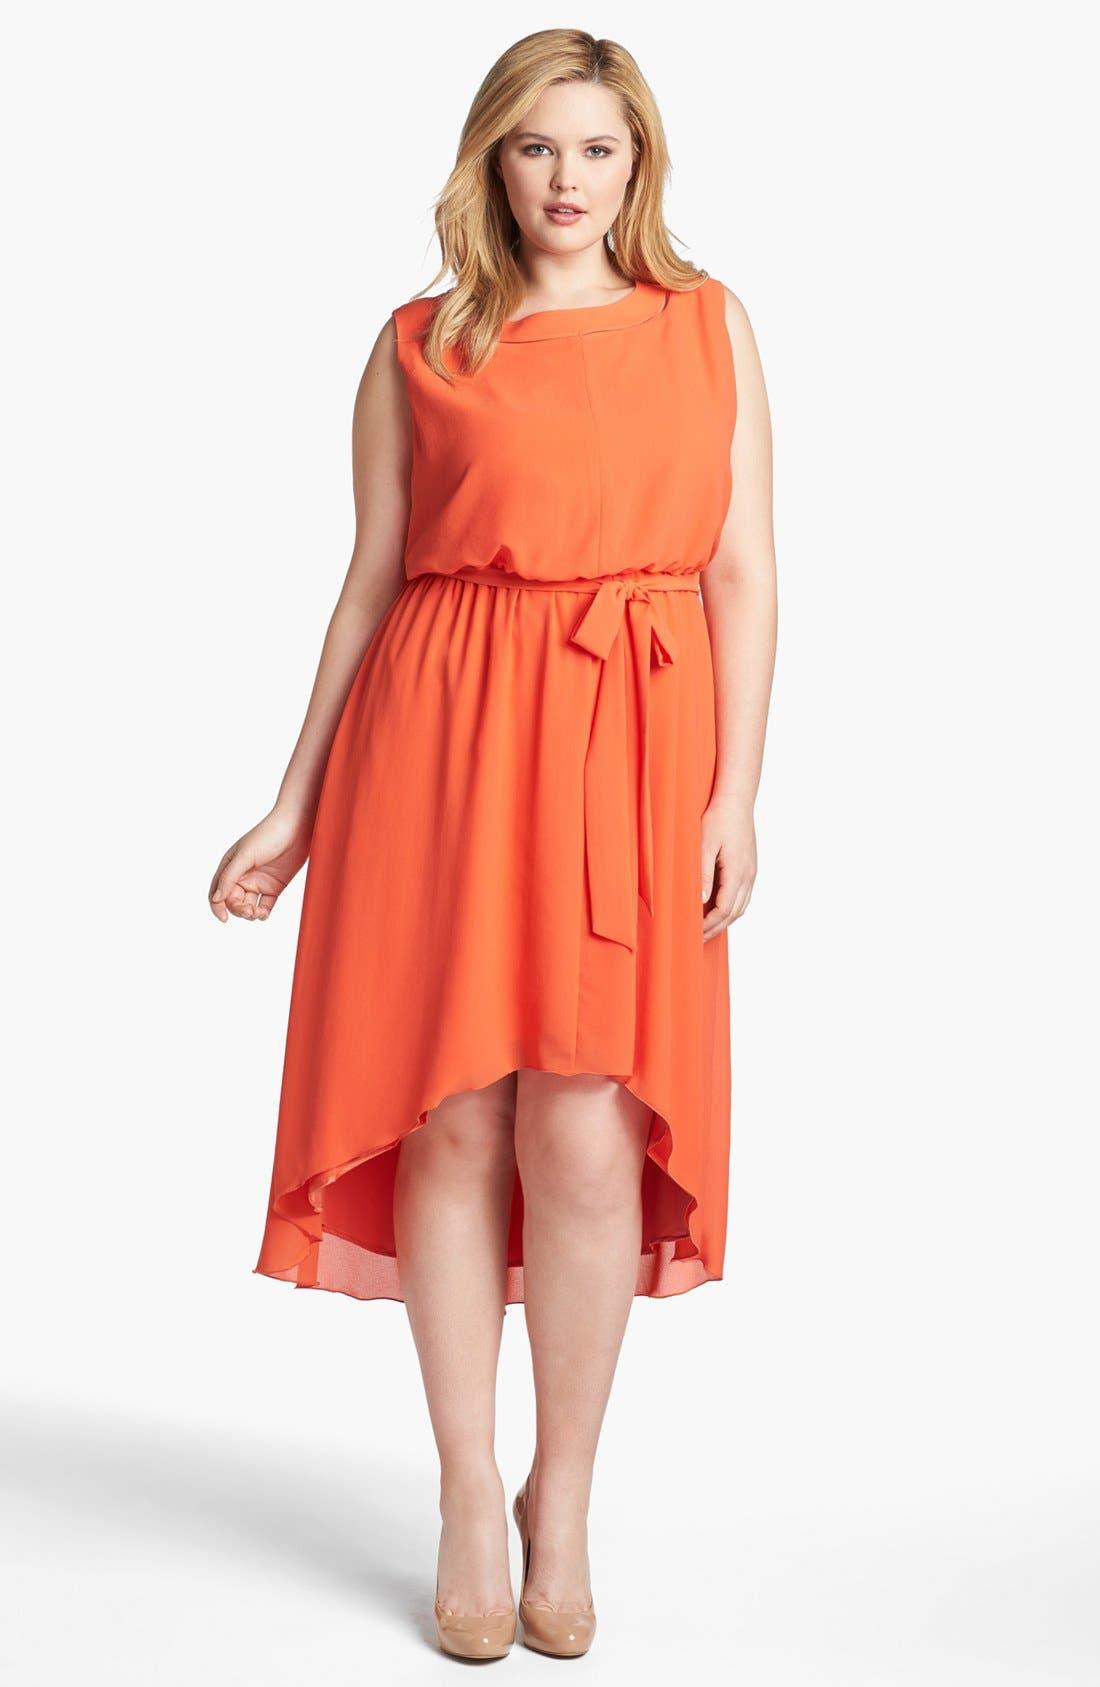 Main Image - Jessica Simpson Blouson High/Low Crepe Dress (Plus Size)